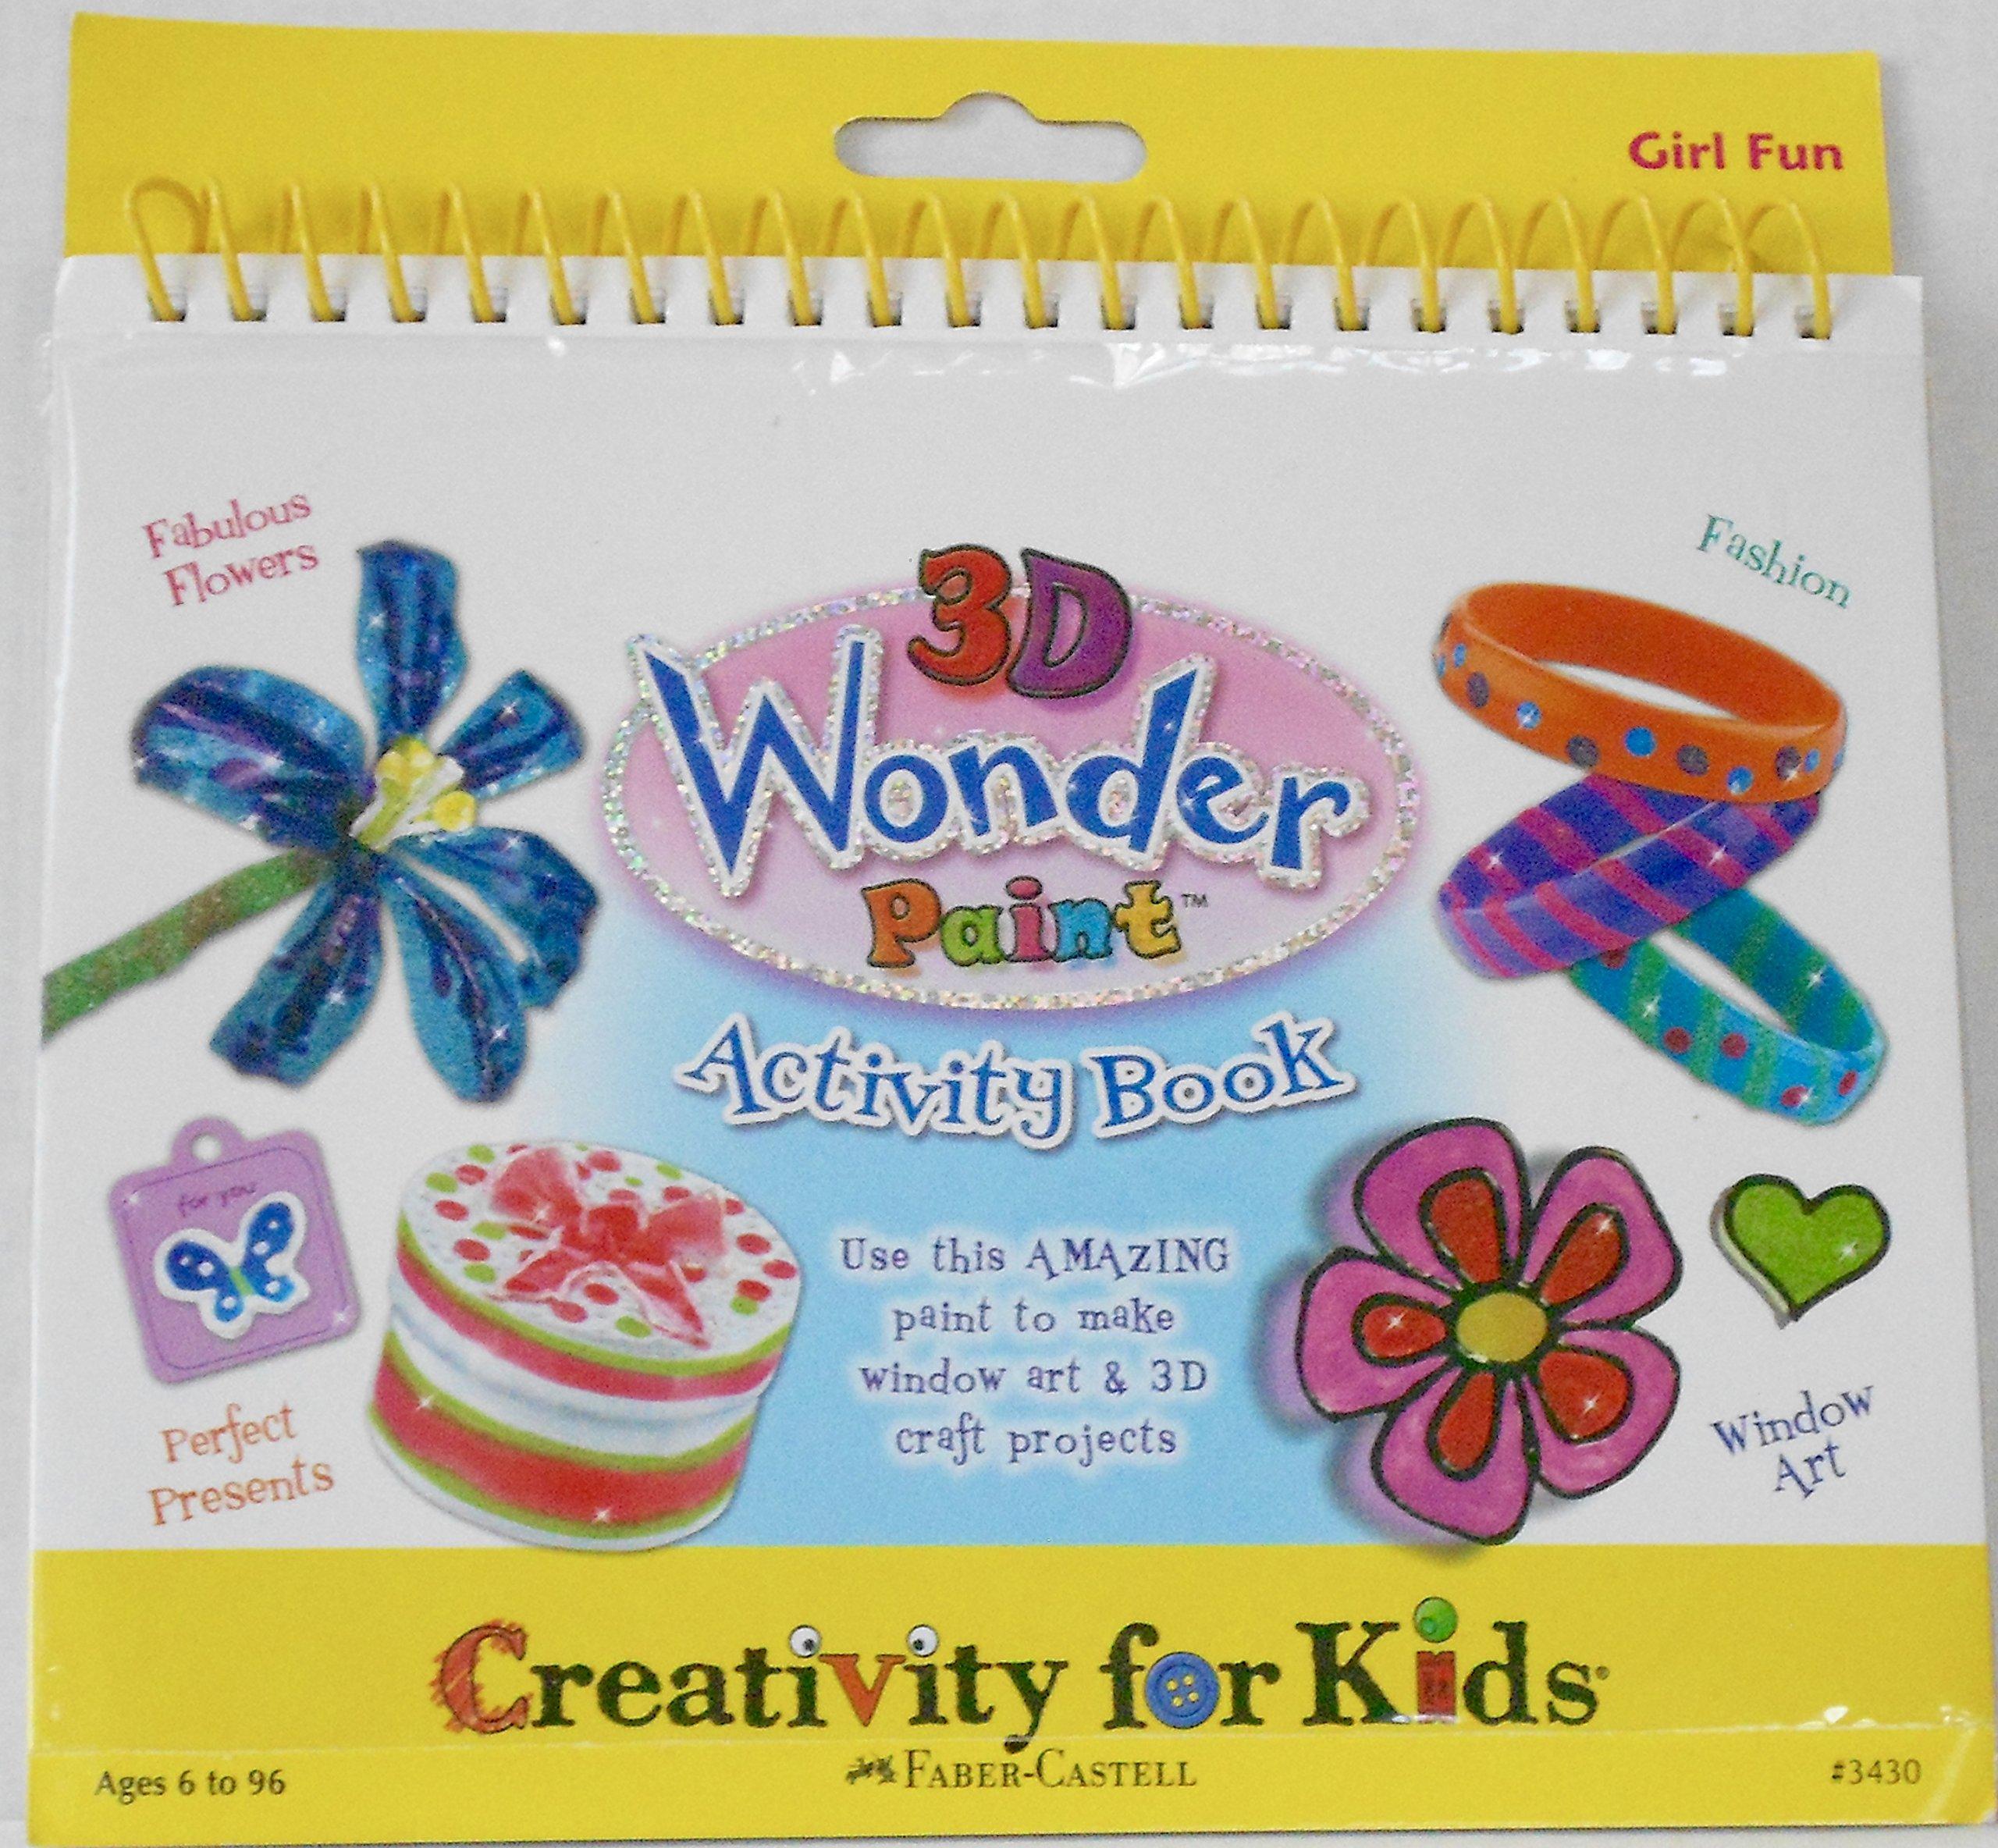 Creativity for Kids 3D Wonder Paint Activity Book - GIRL FUN: Faber